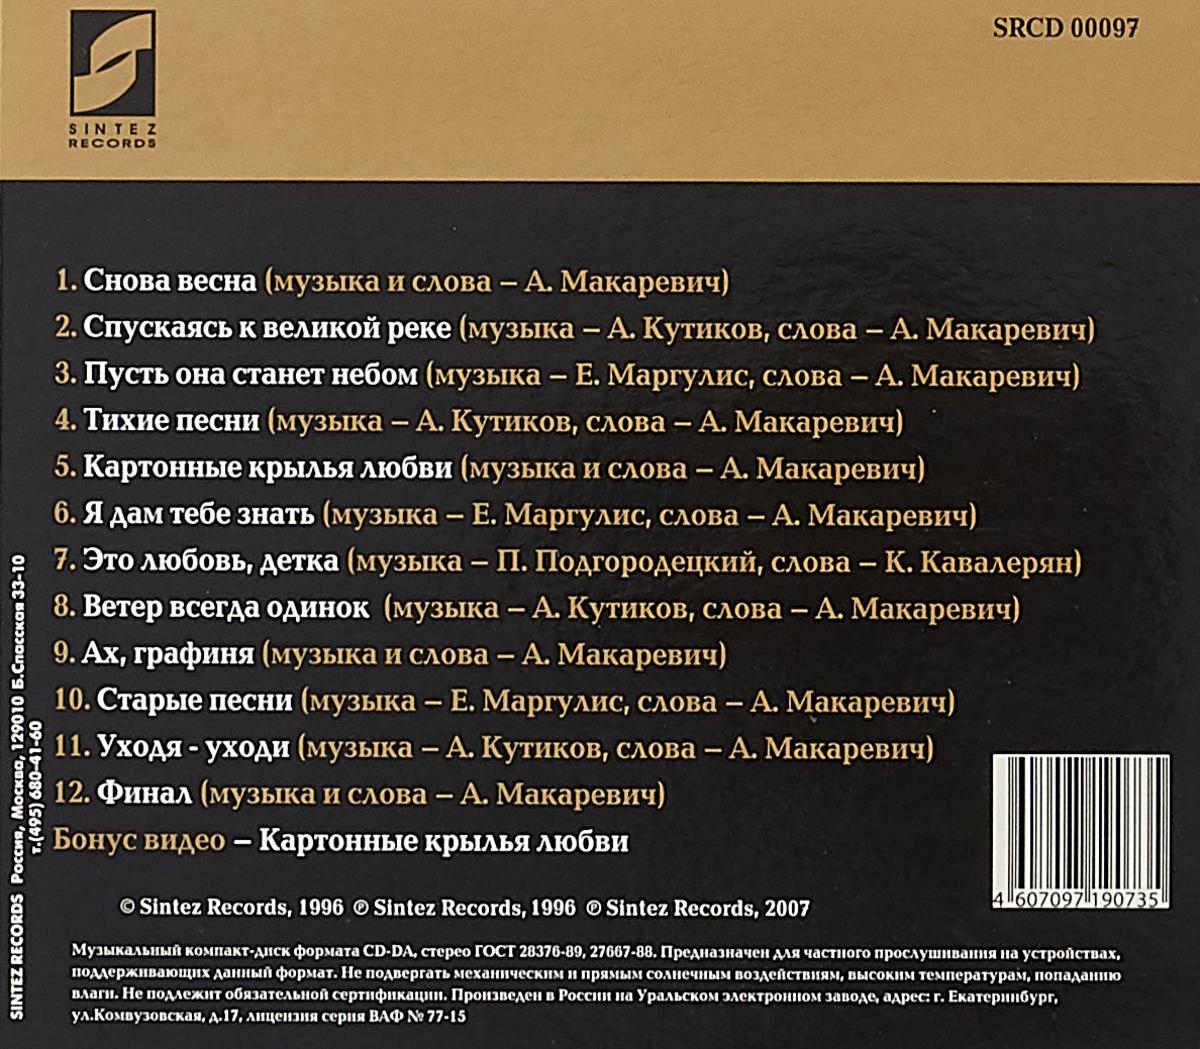 Машина времени.  Картонные крылья любви (+ bonus) Sintez Records